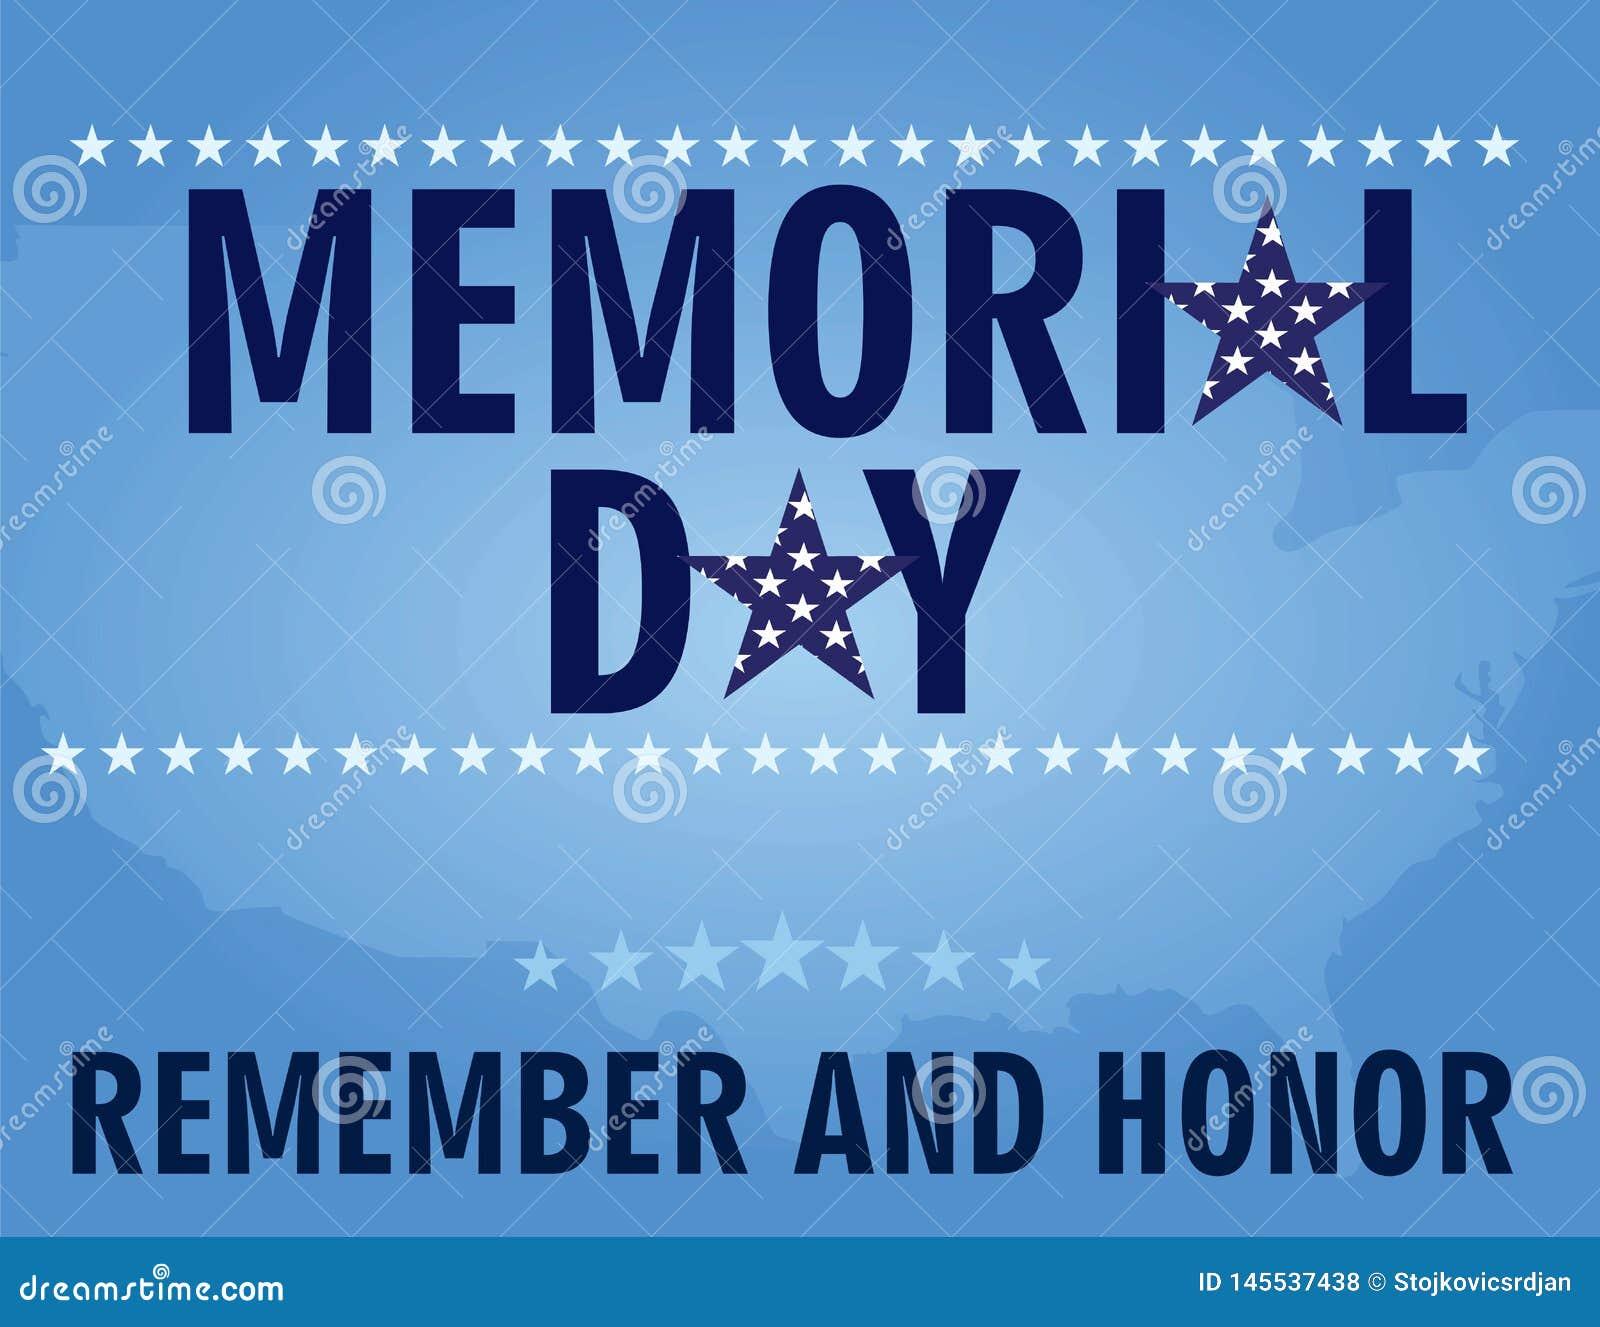 Memorial day card